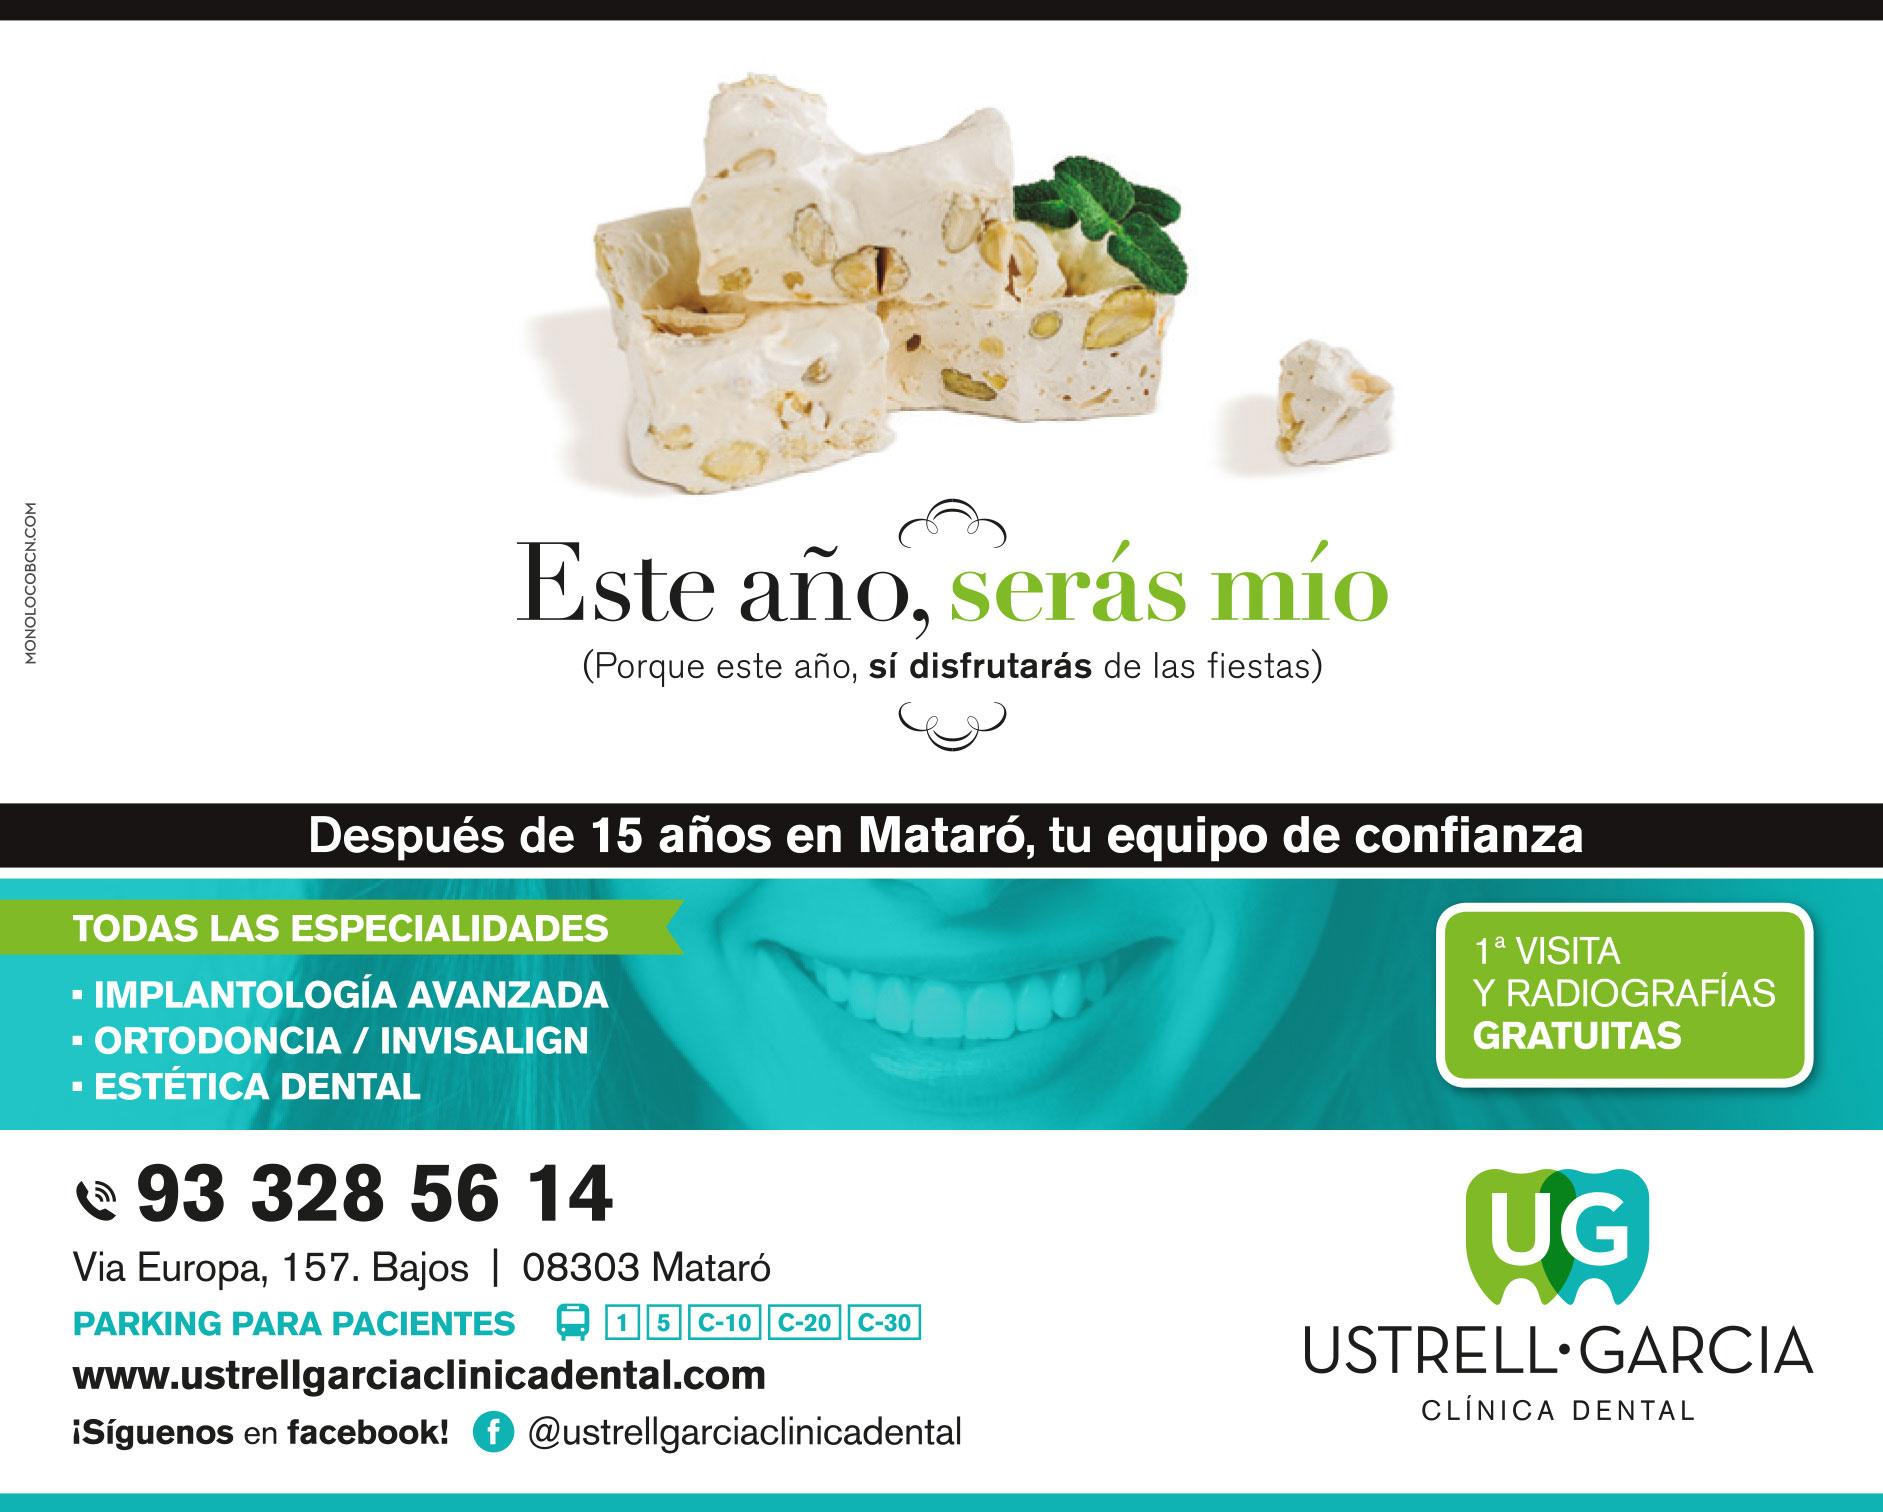 Prensa Clínica Dental